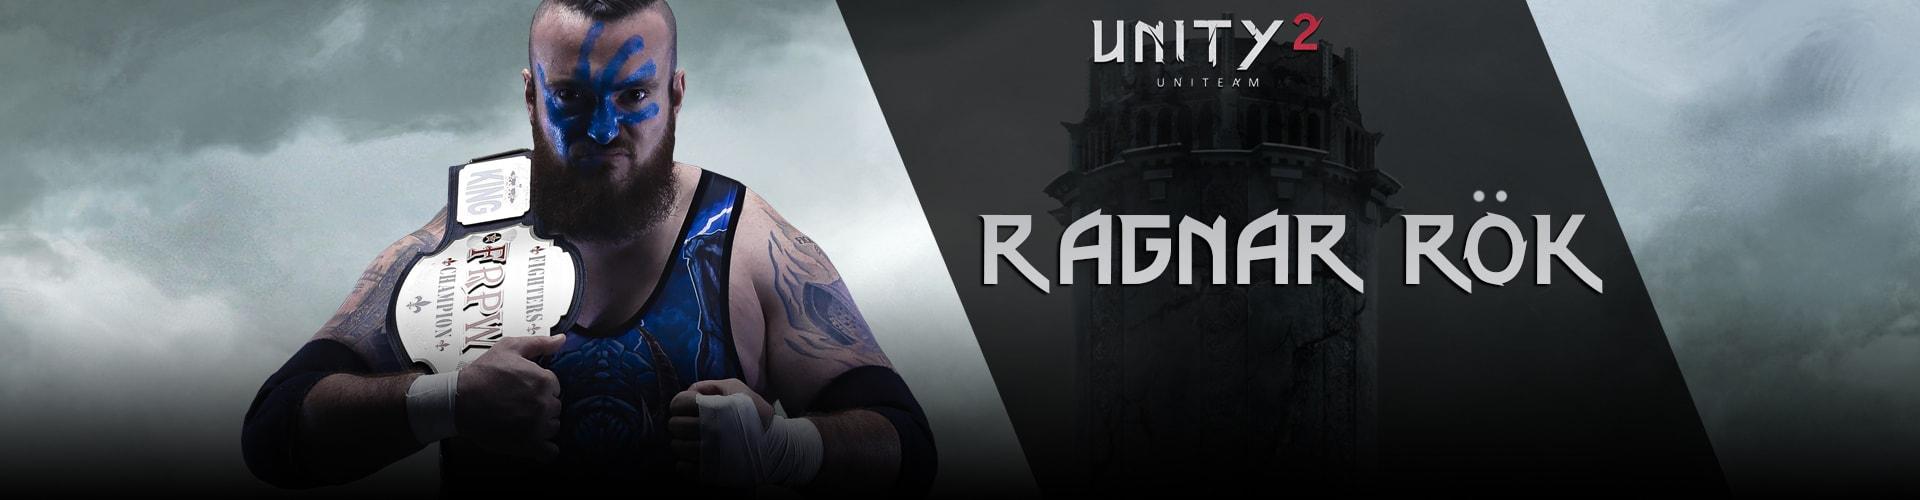 Ragnar Rök